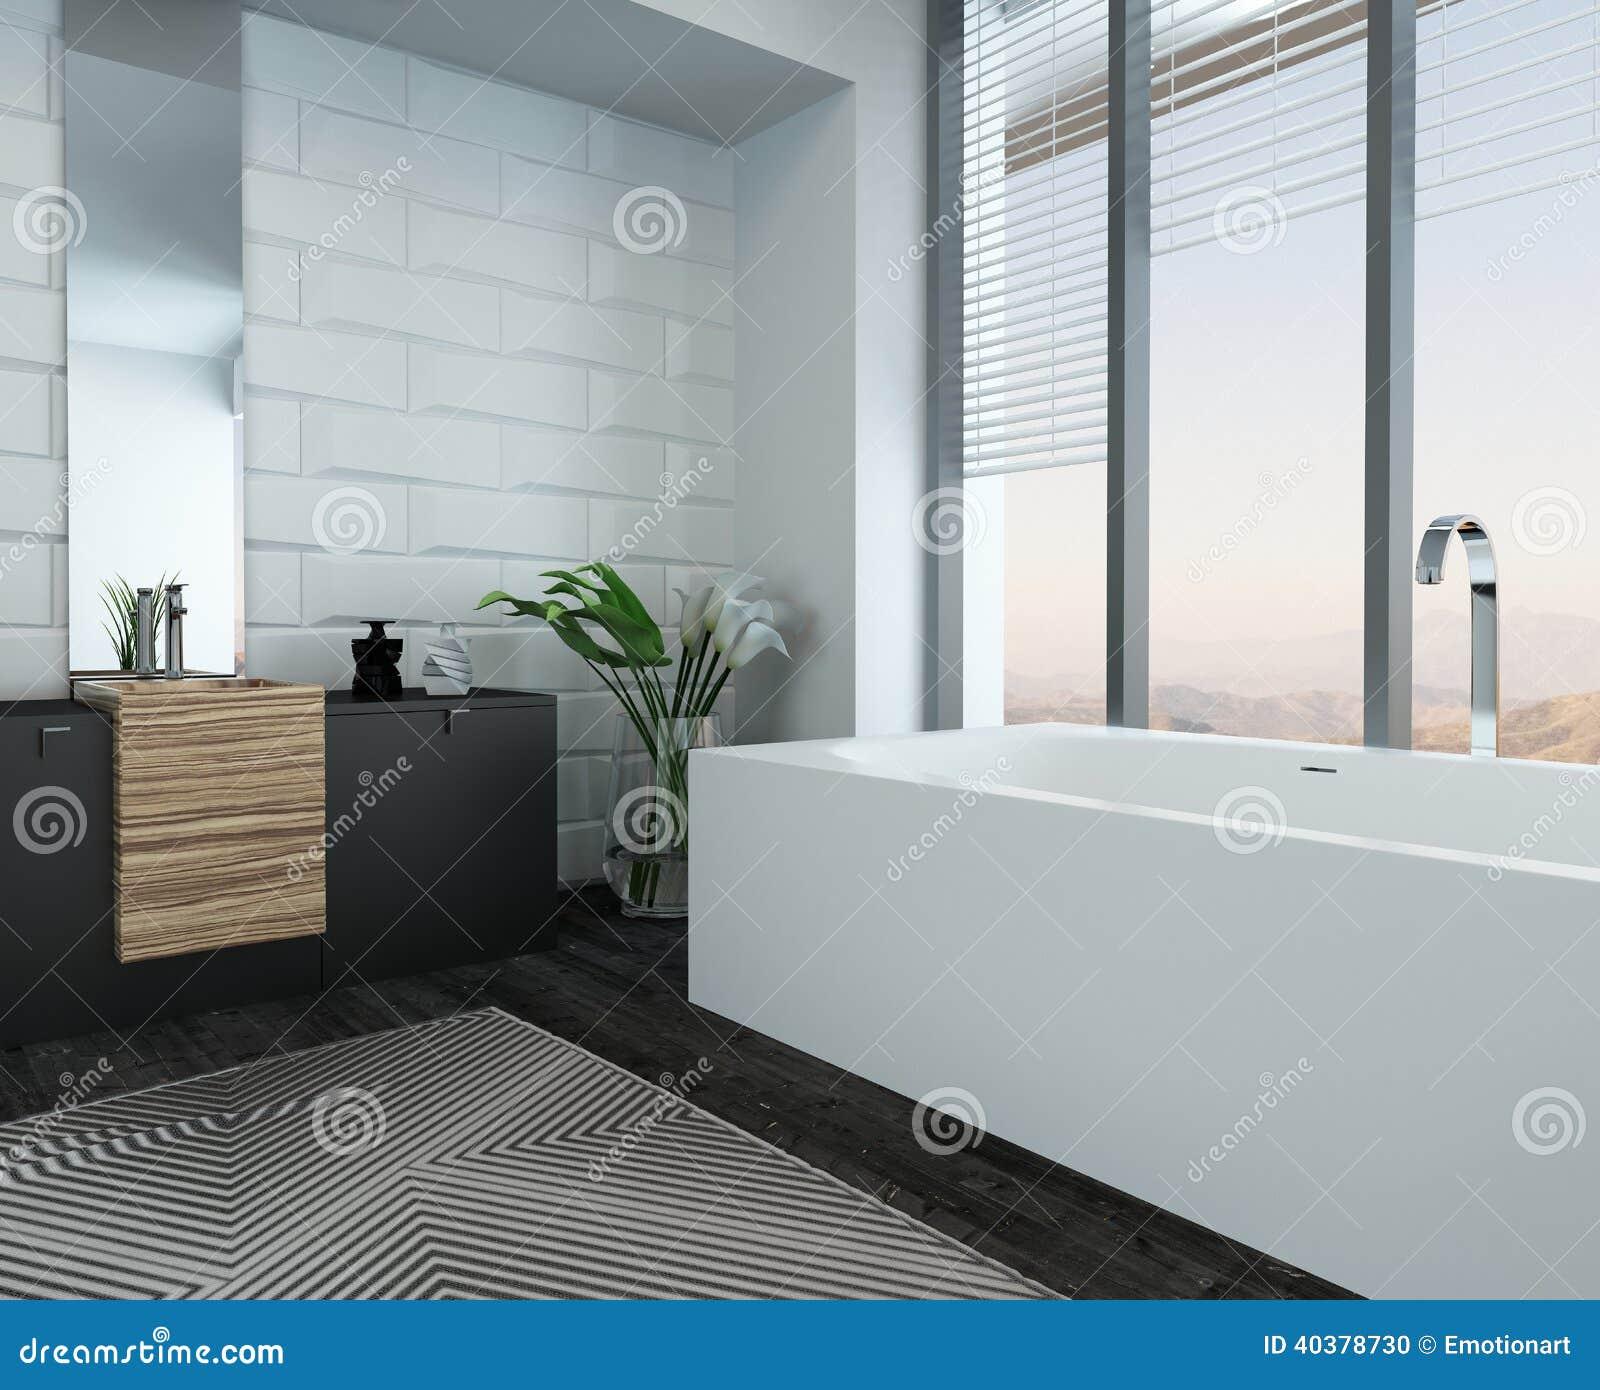 Baño De Lujo Moderno:Foto de archivo: Interior de lujo moderno del cuarto de baño con la